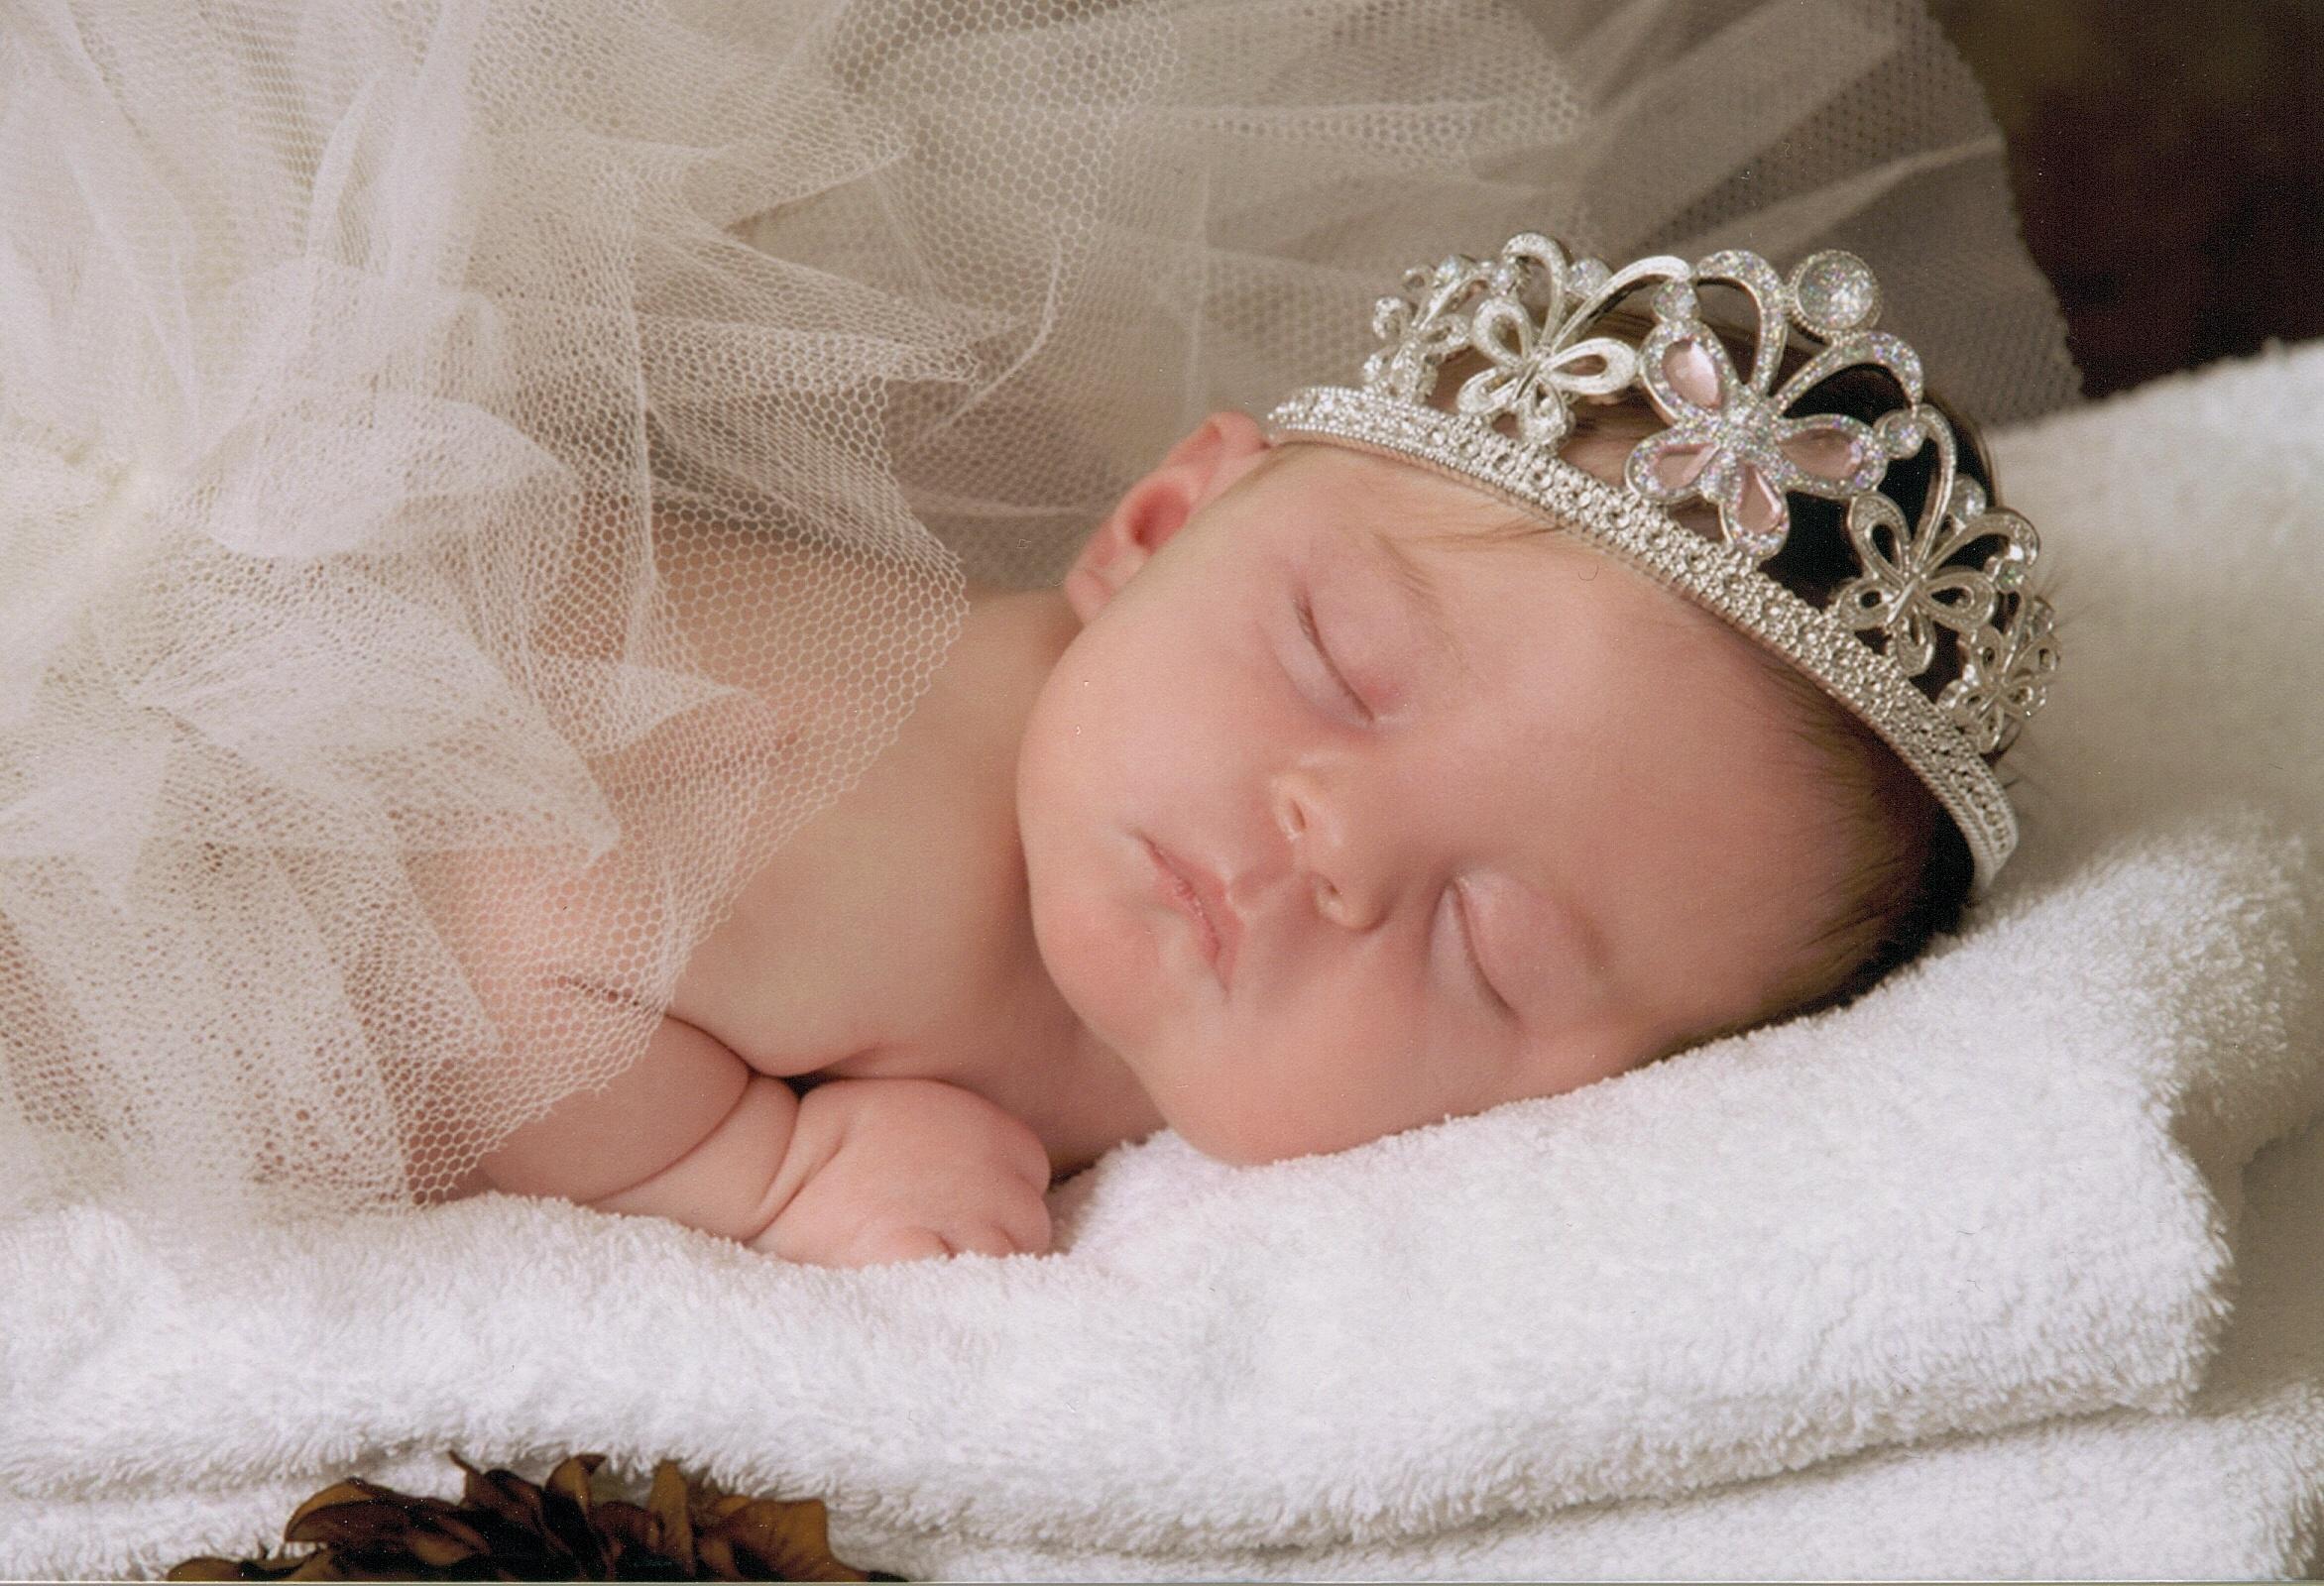 Our Princess - 4 weeks old